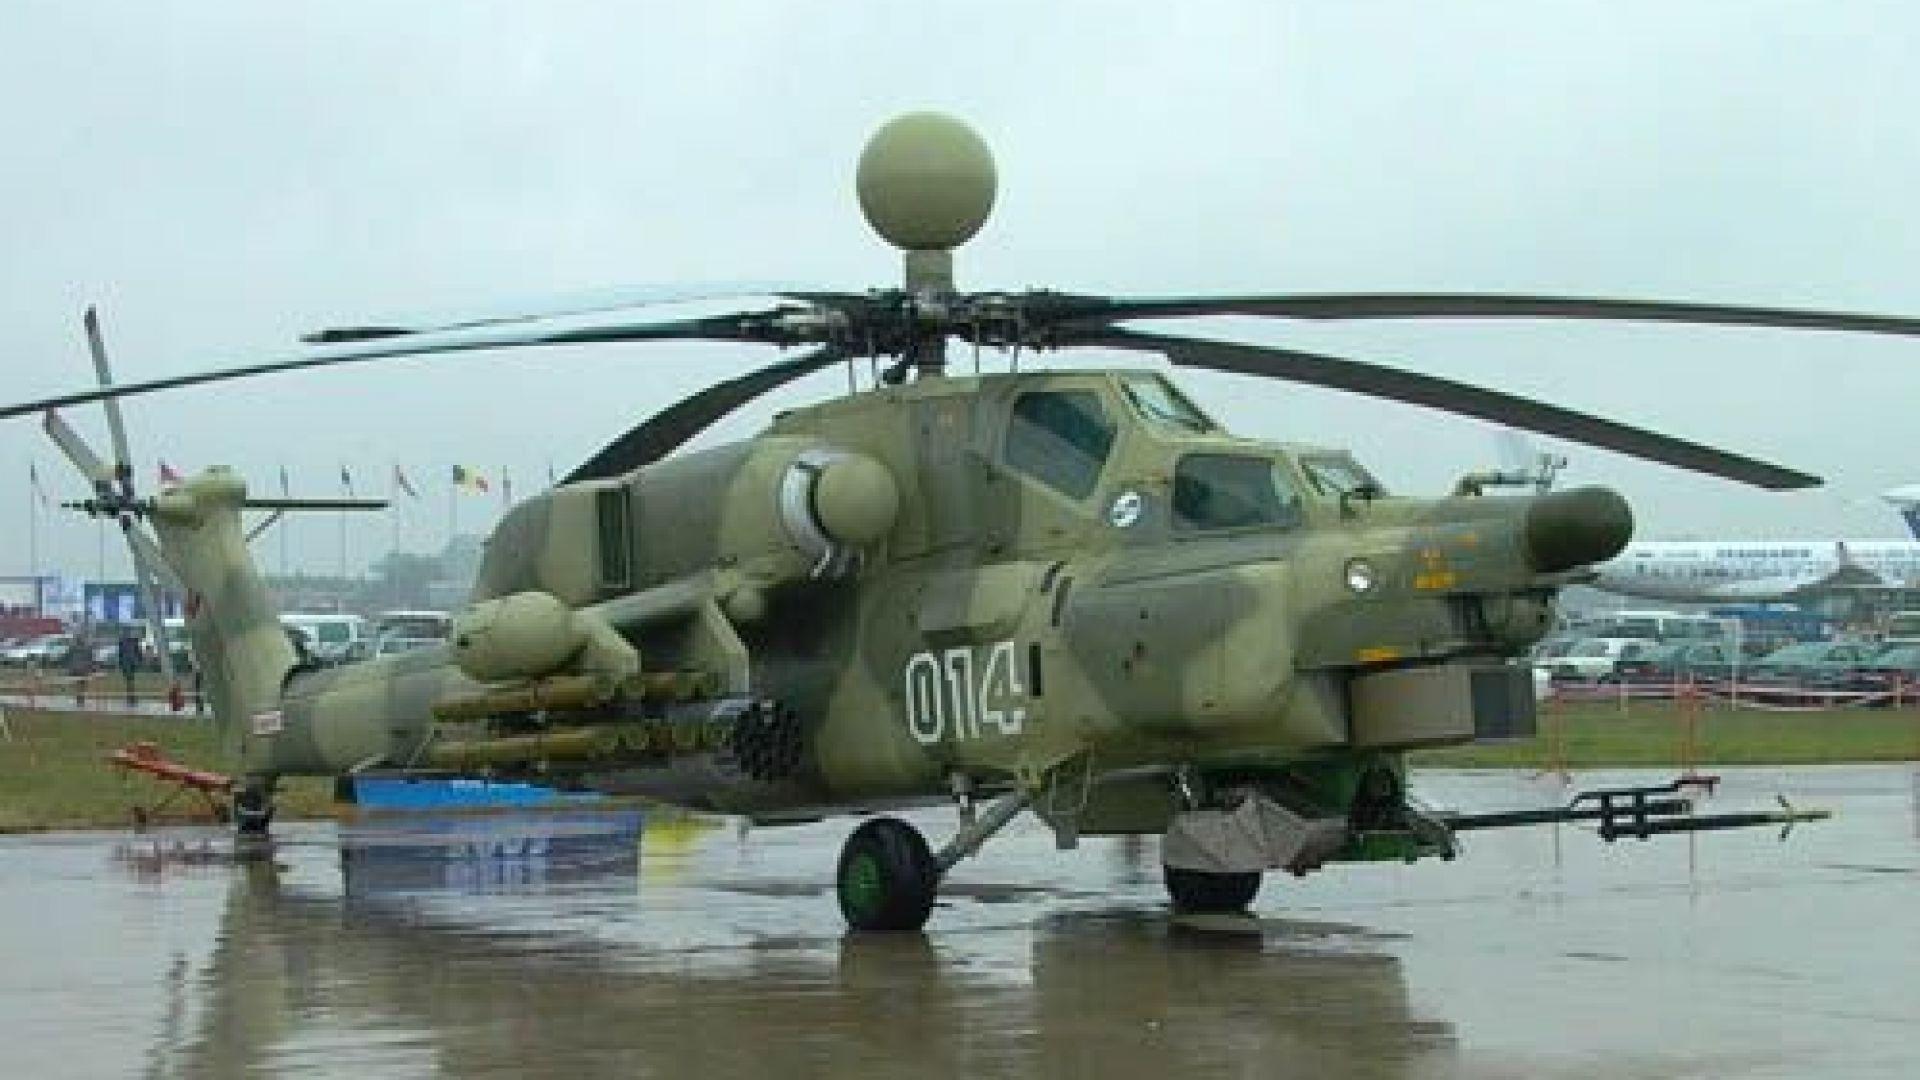 Боен хеликоптер се разби в Южна Русия, двамата пилоти загинаха